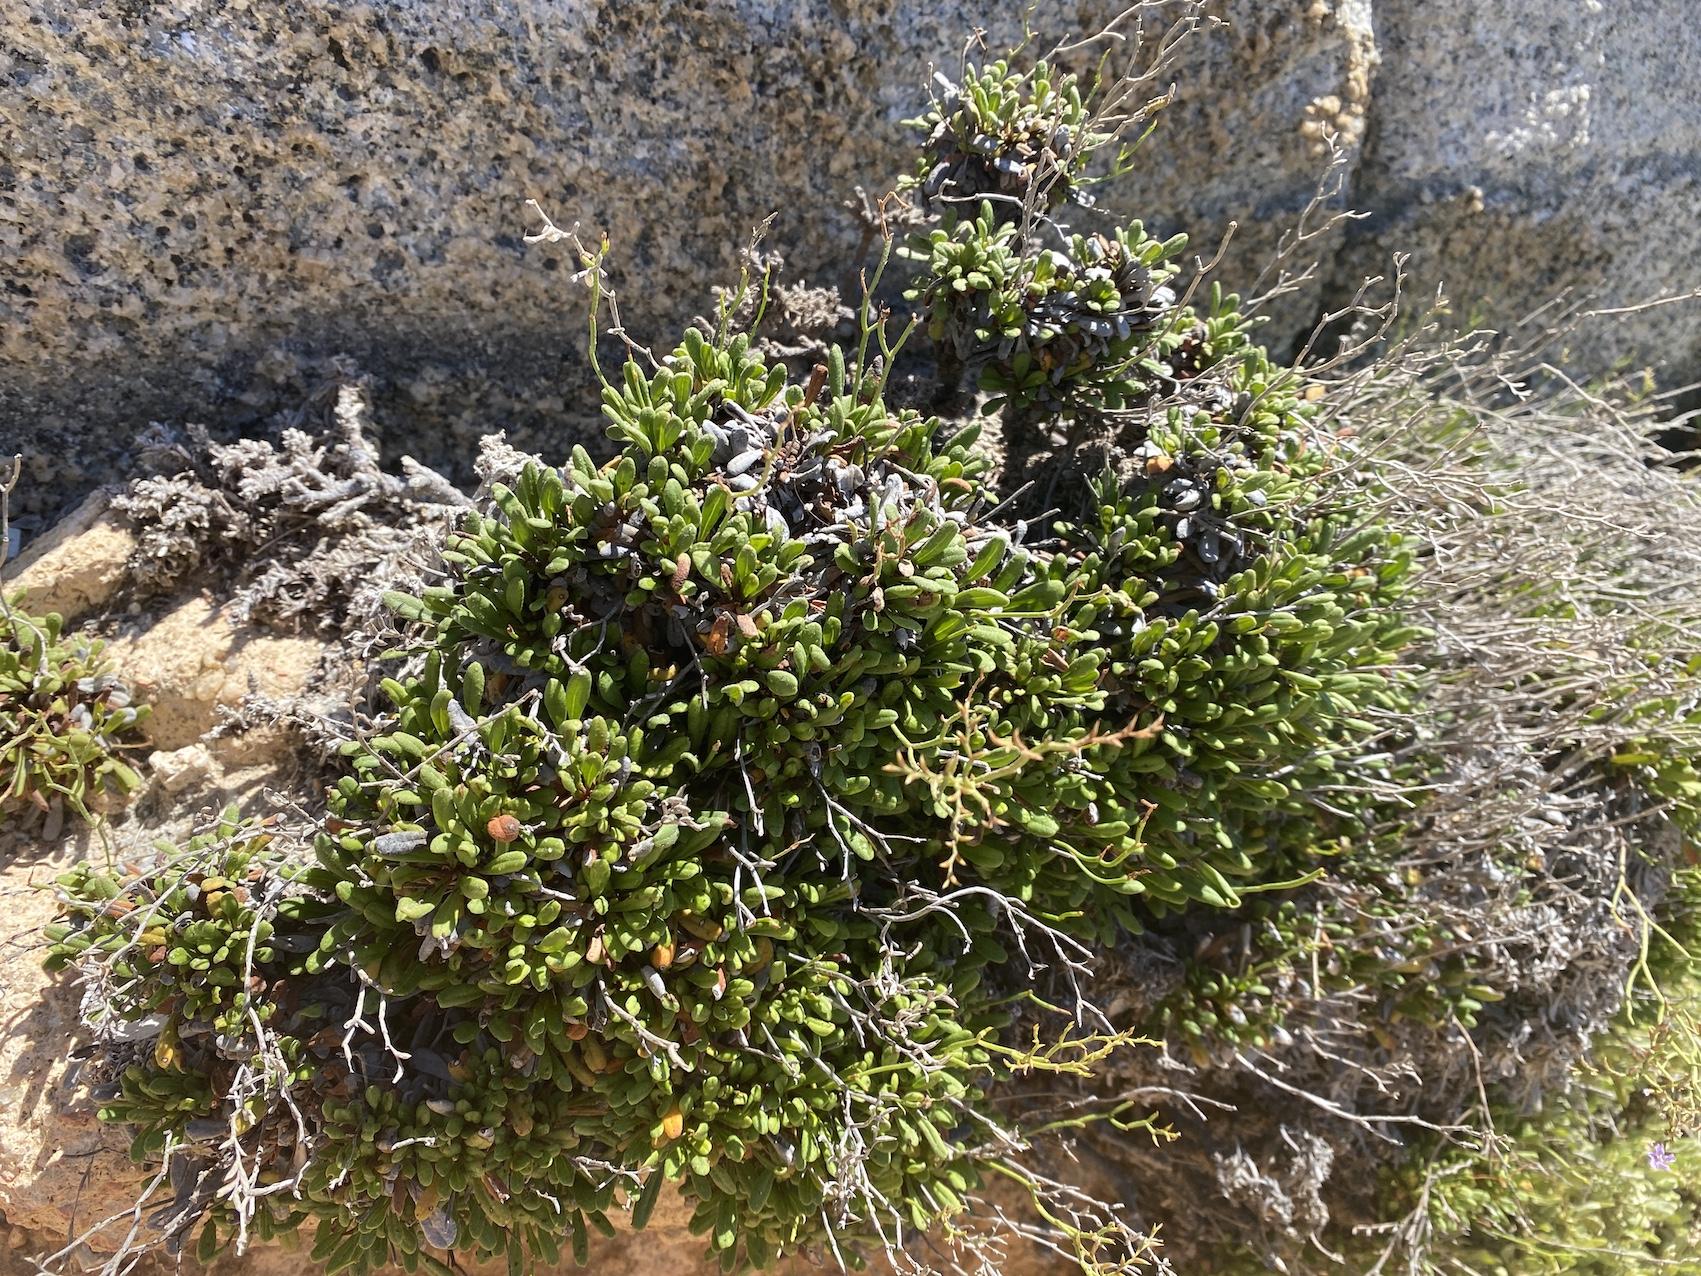 Le limoniom lambinonii, plante endémique de l'île.